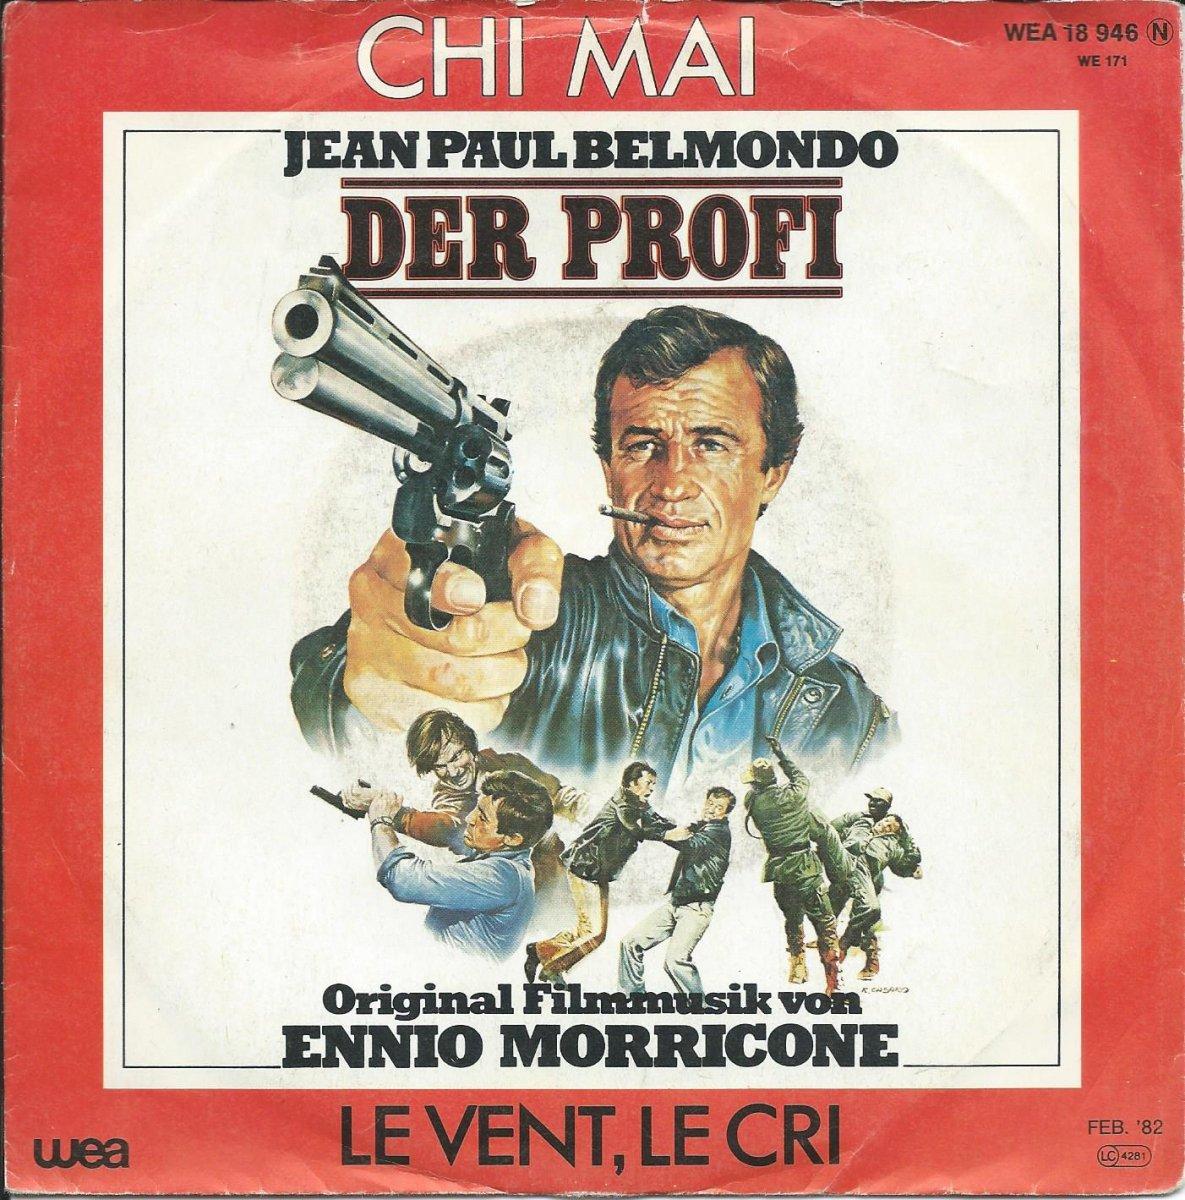 ENNIO MORRICONE / CHI MAI / LE VENT, LE CRI (DER PROFI) (7